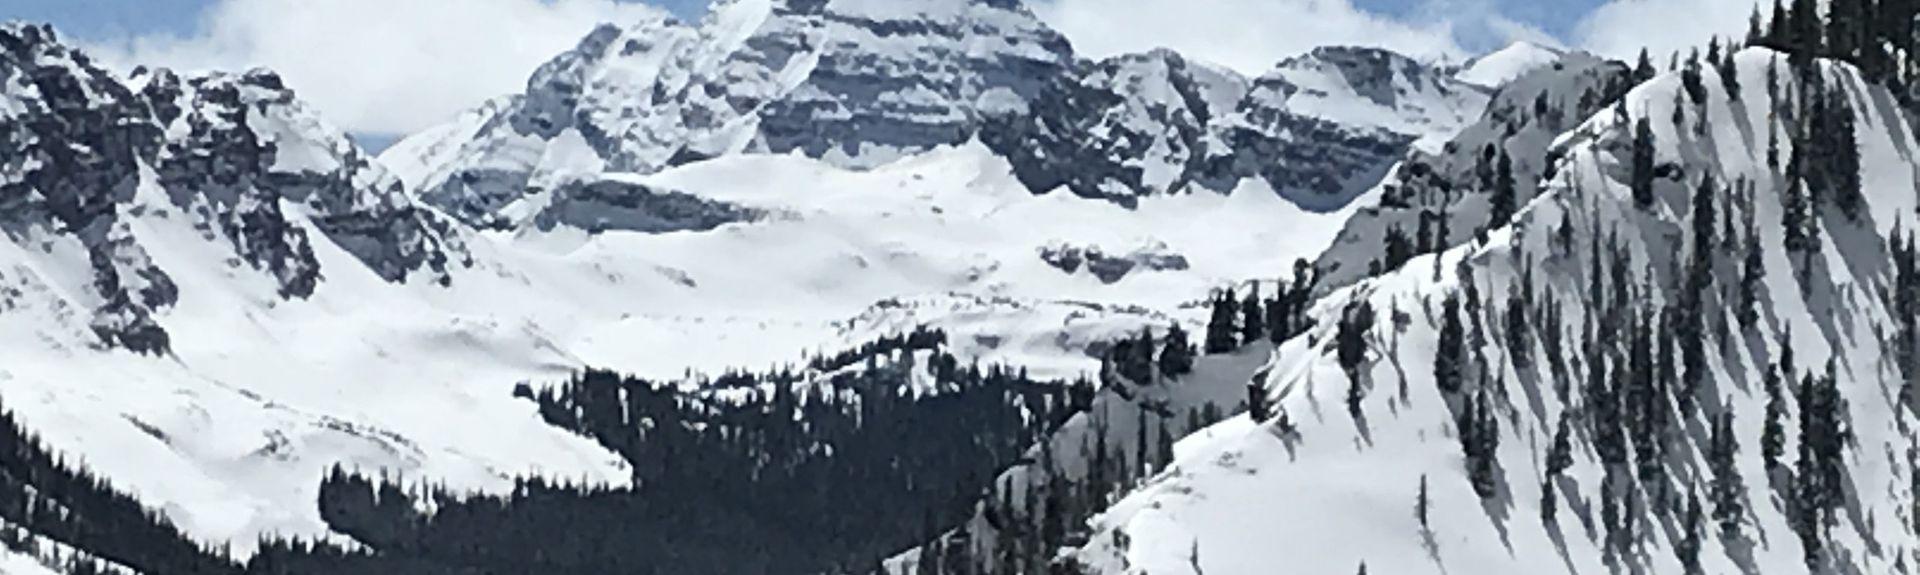 Silver Queen Gondola, Aspen, Colorado, United States of America